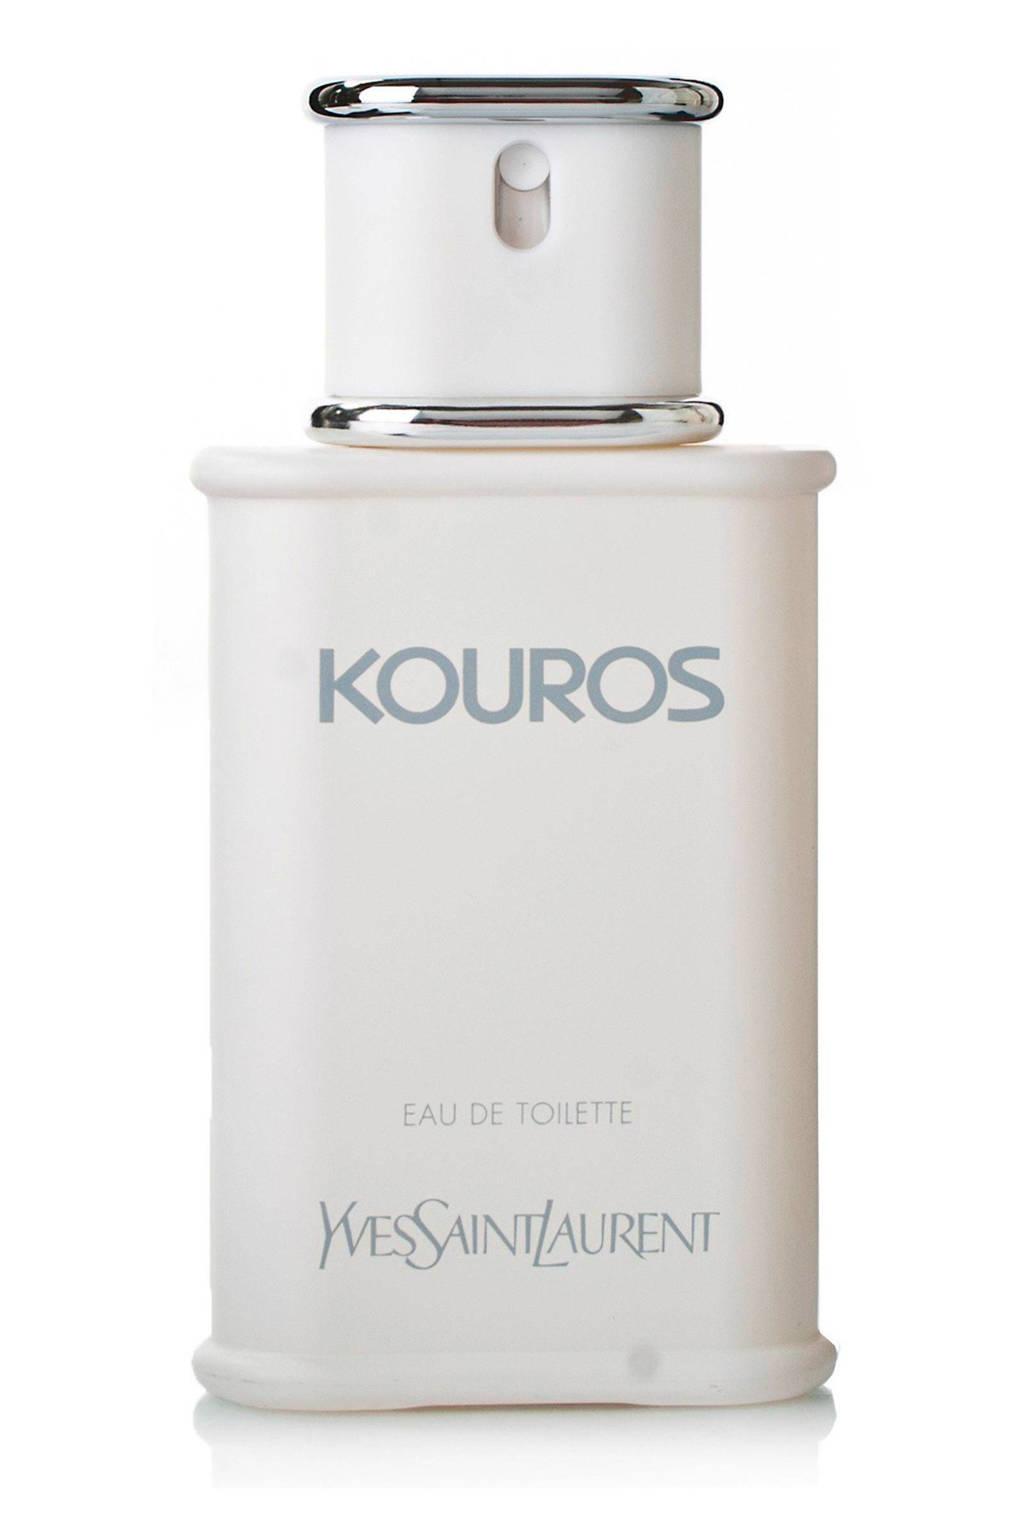 Yves Saint Laurent Kouros eau de toilette - 100 ml